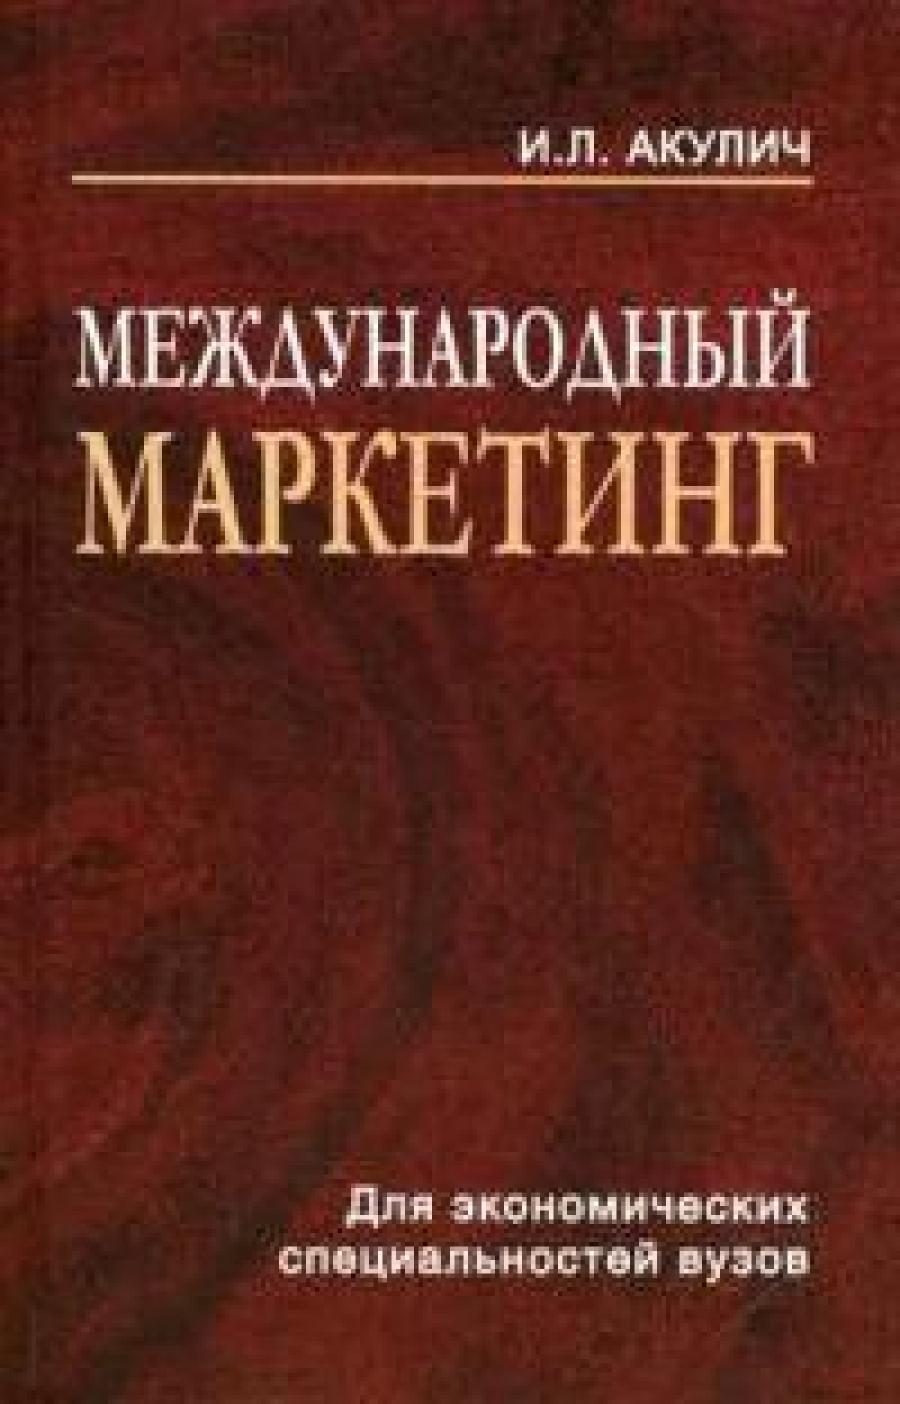 Обложка книги:  акулич и.л. - международный маркетинг.